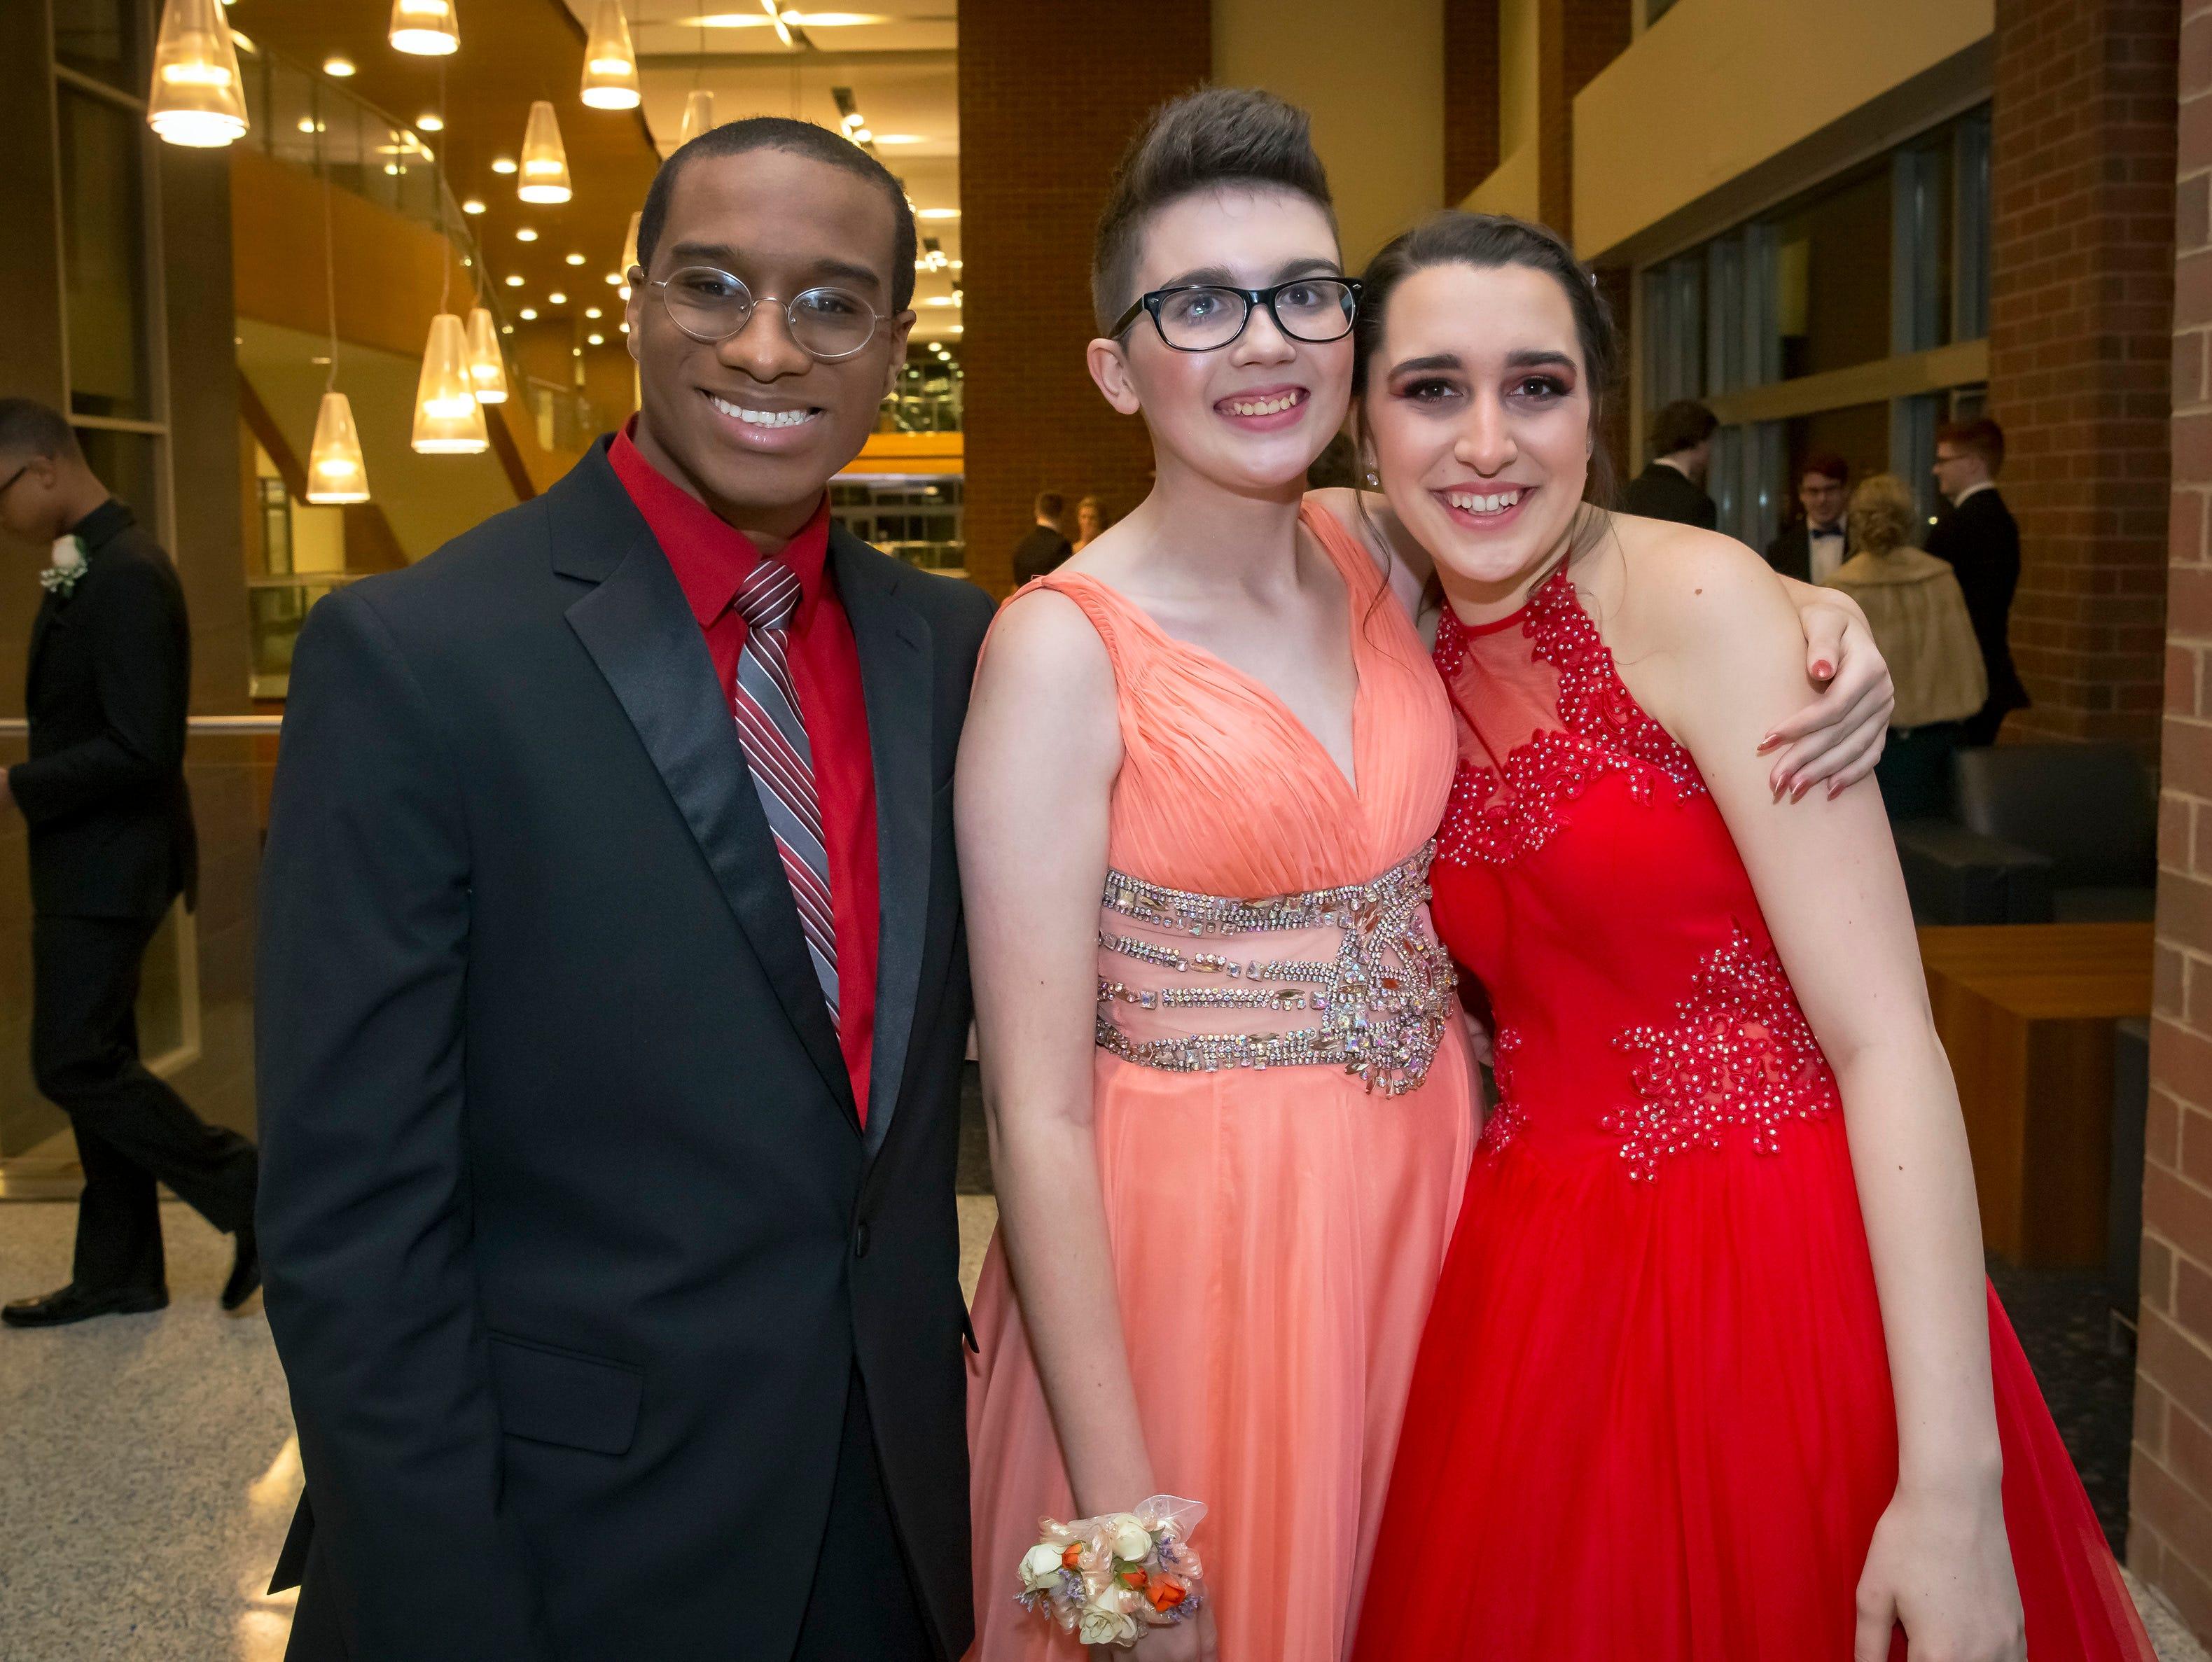 Jaden Banks, Mara Metcalf and Hannah Manning arrive at the Stewarts Creek High School prom held at MTSU, Friday, April 5, 2019.